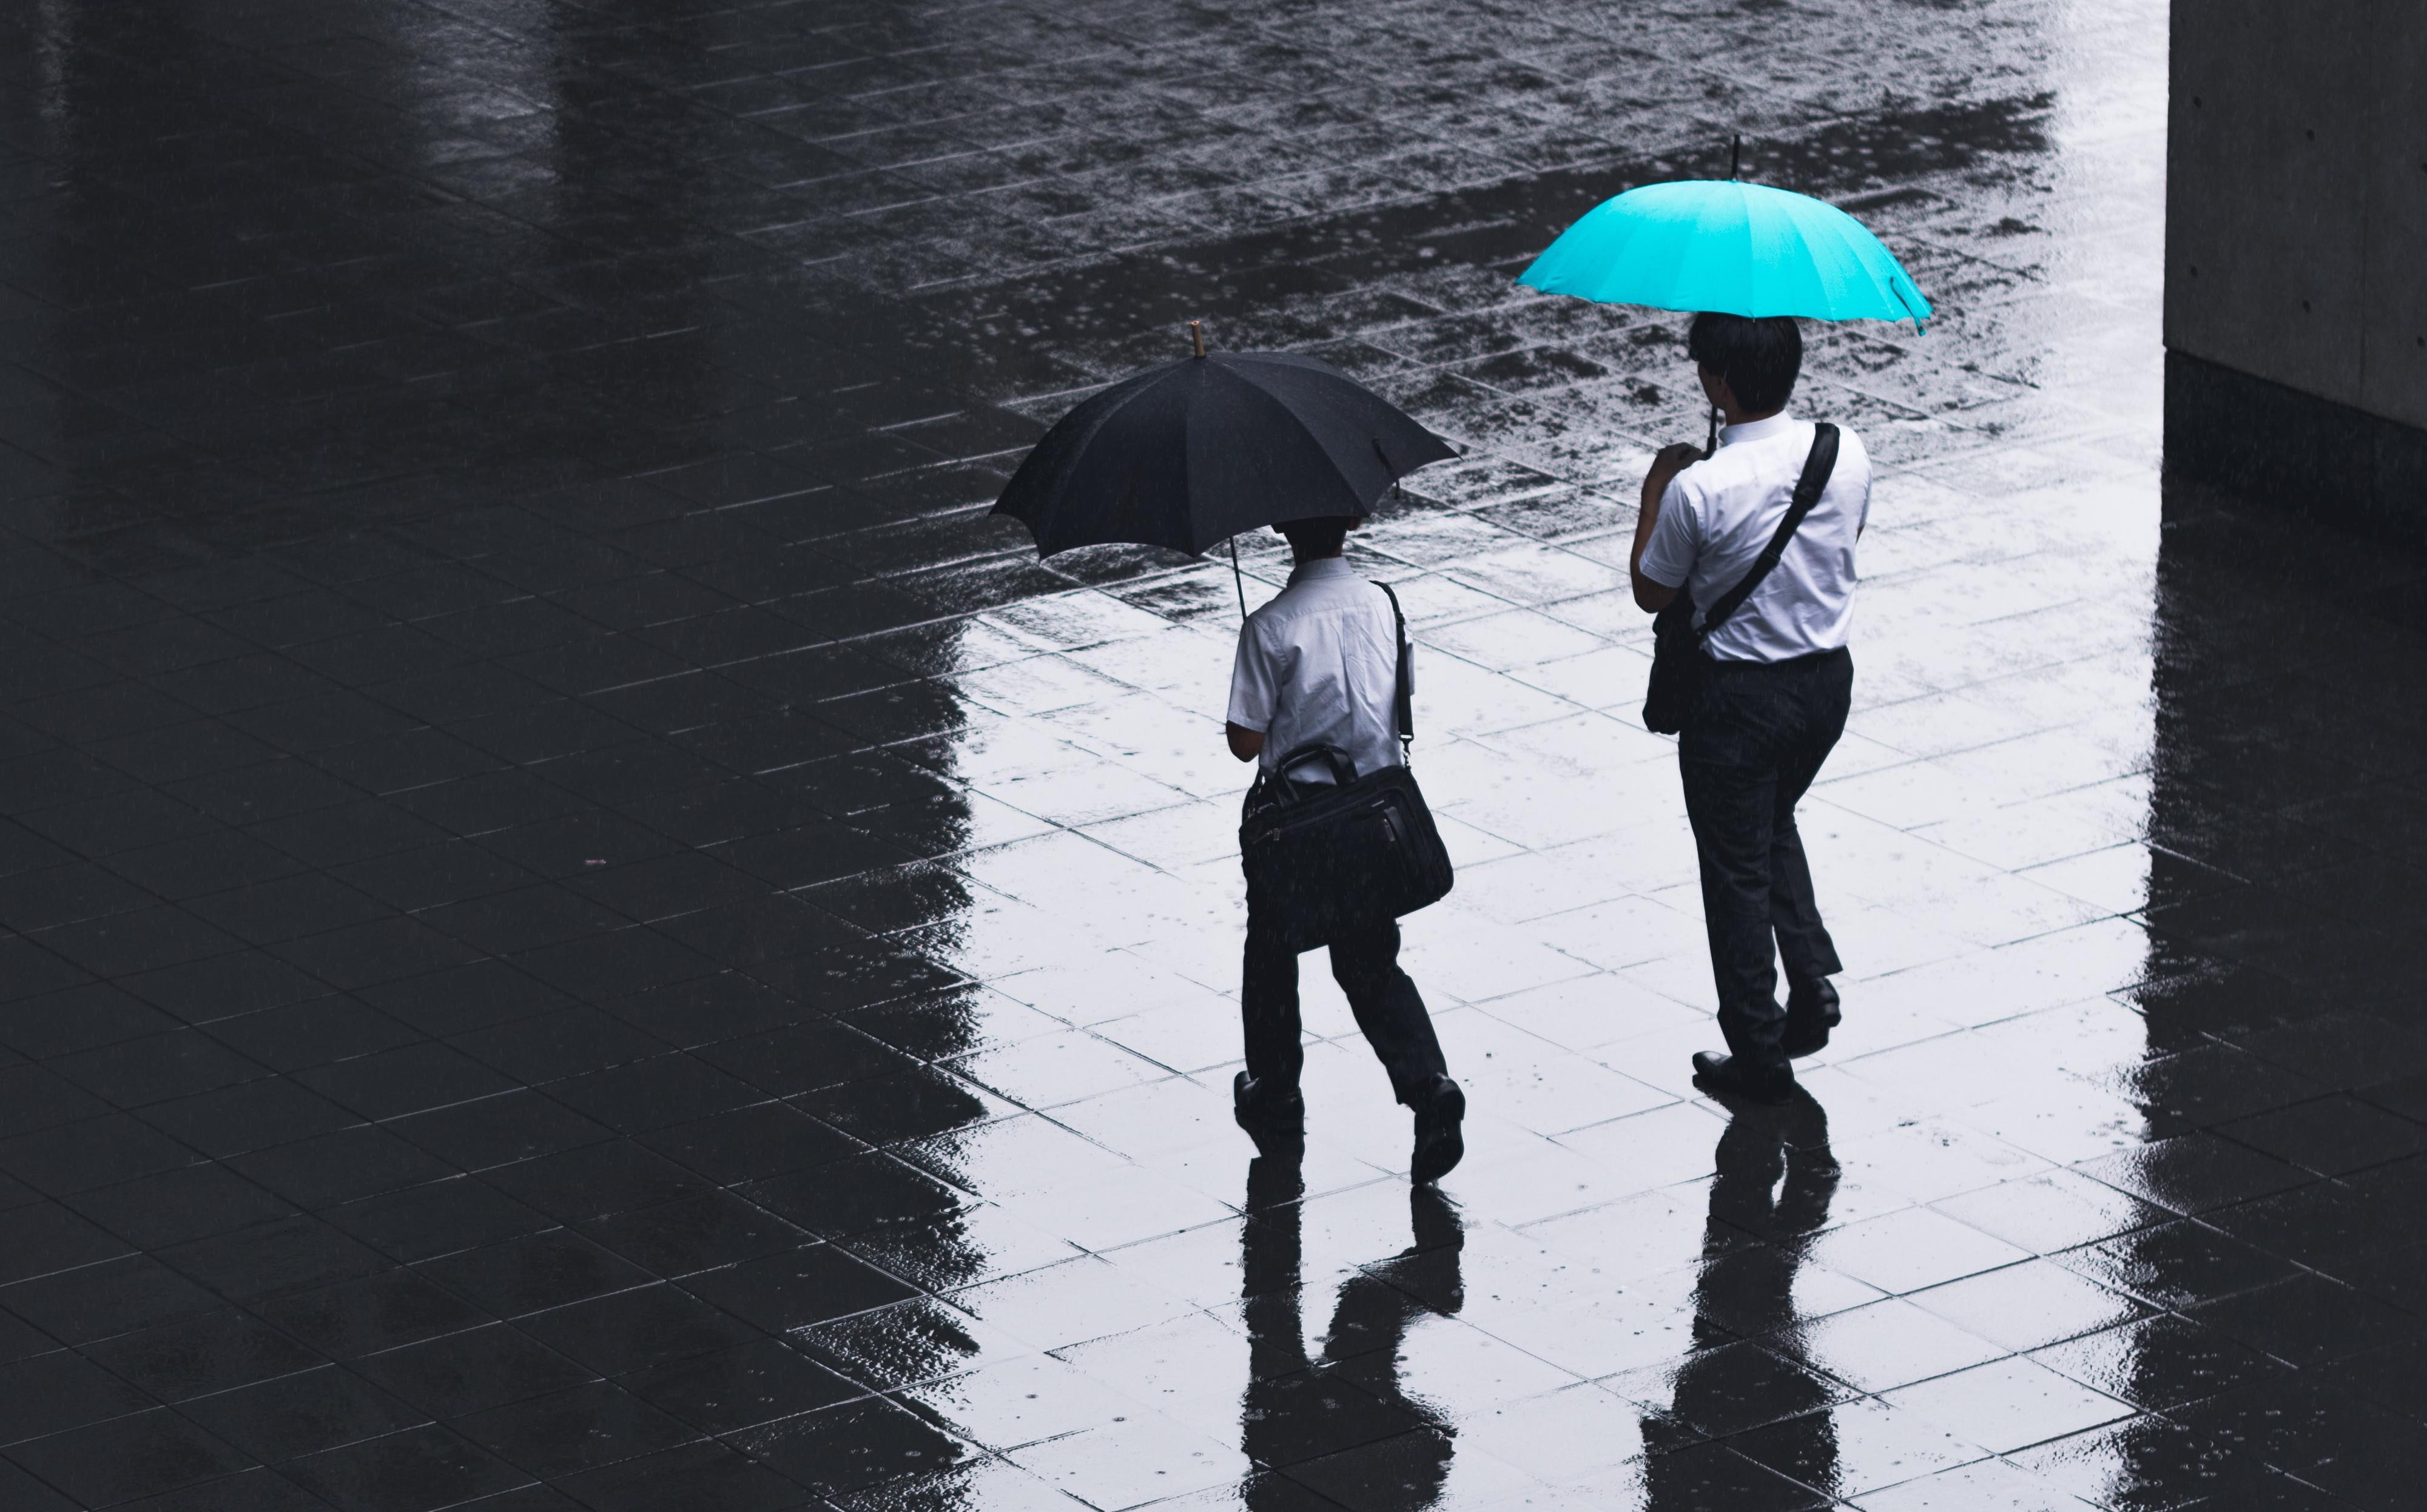 生命保険と損害保険の違いをわかりやすく解説